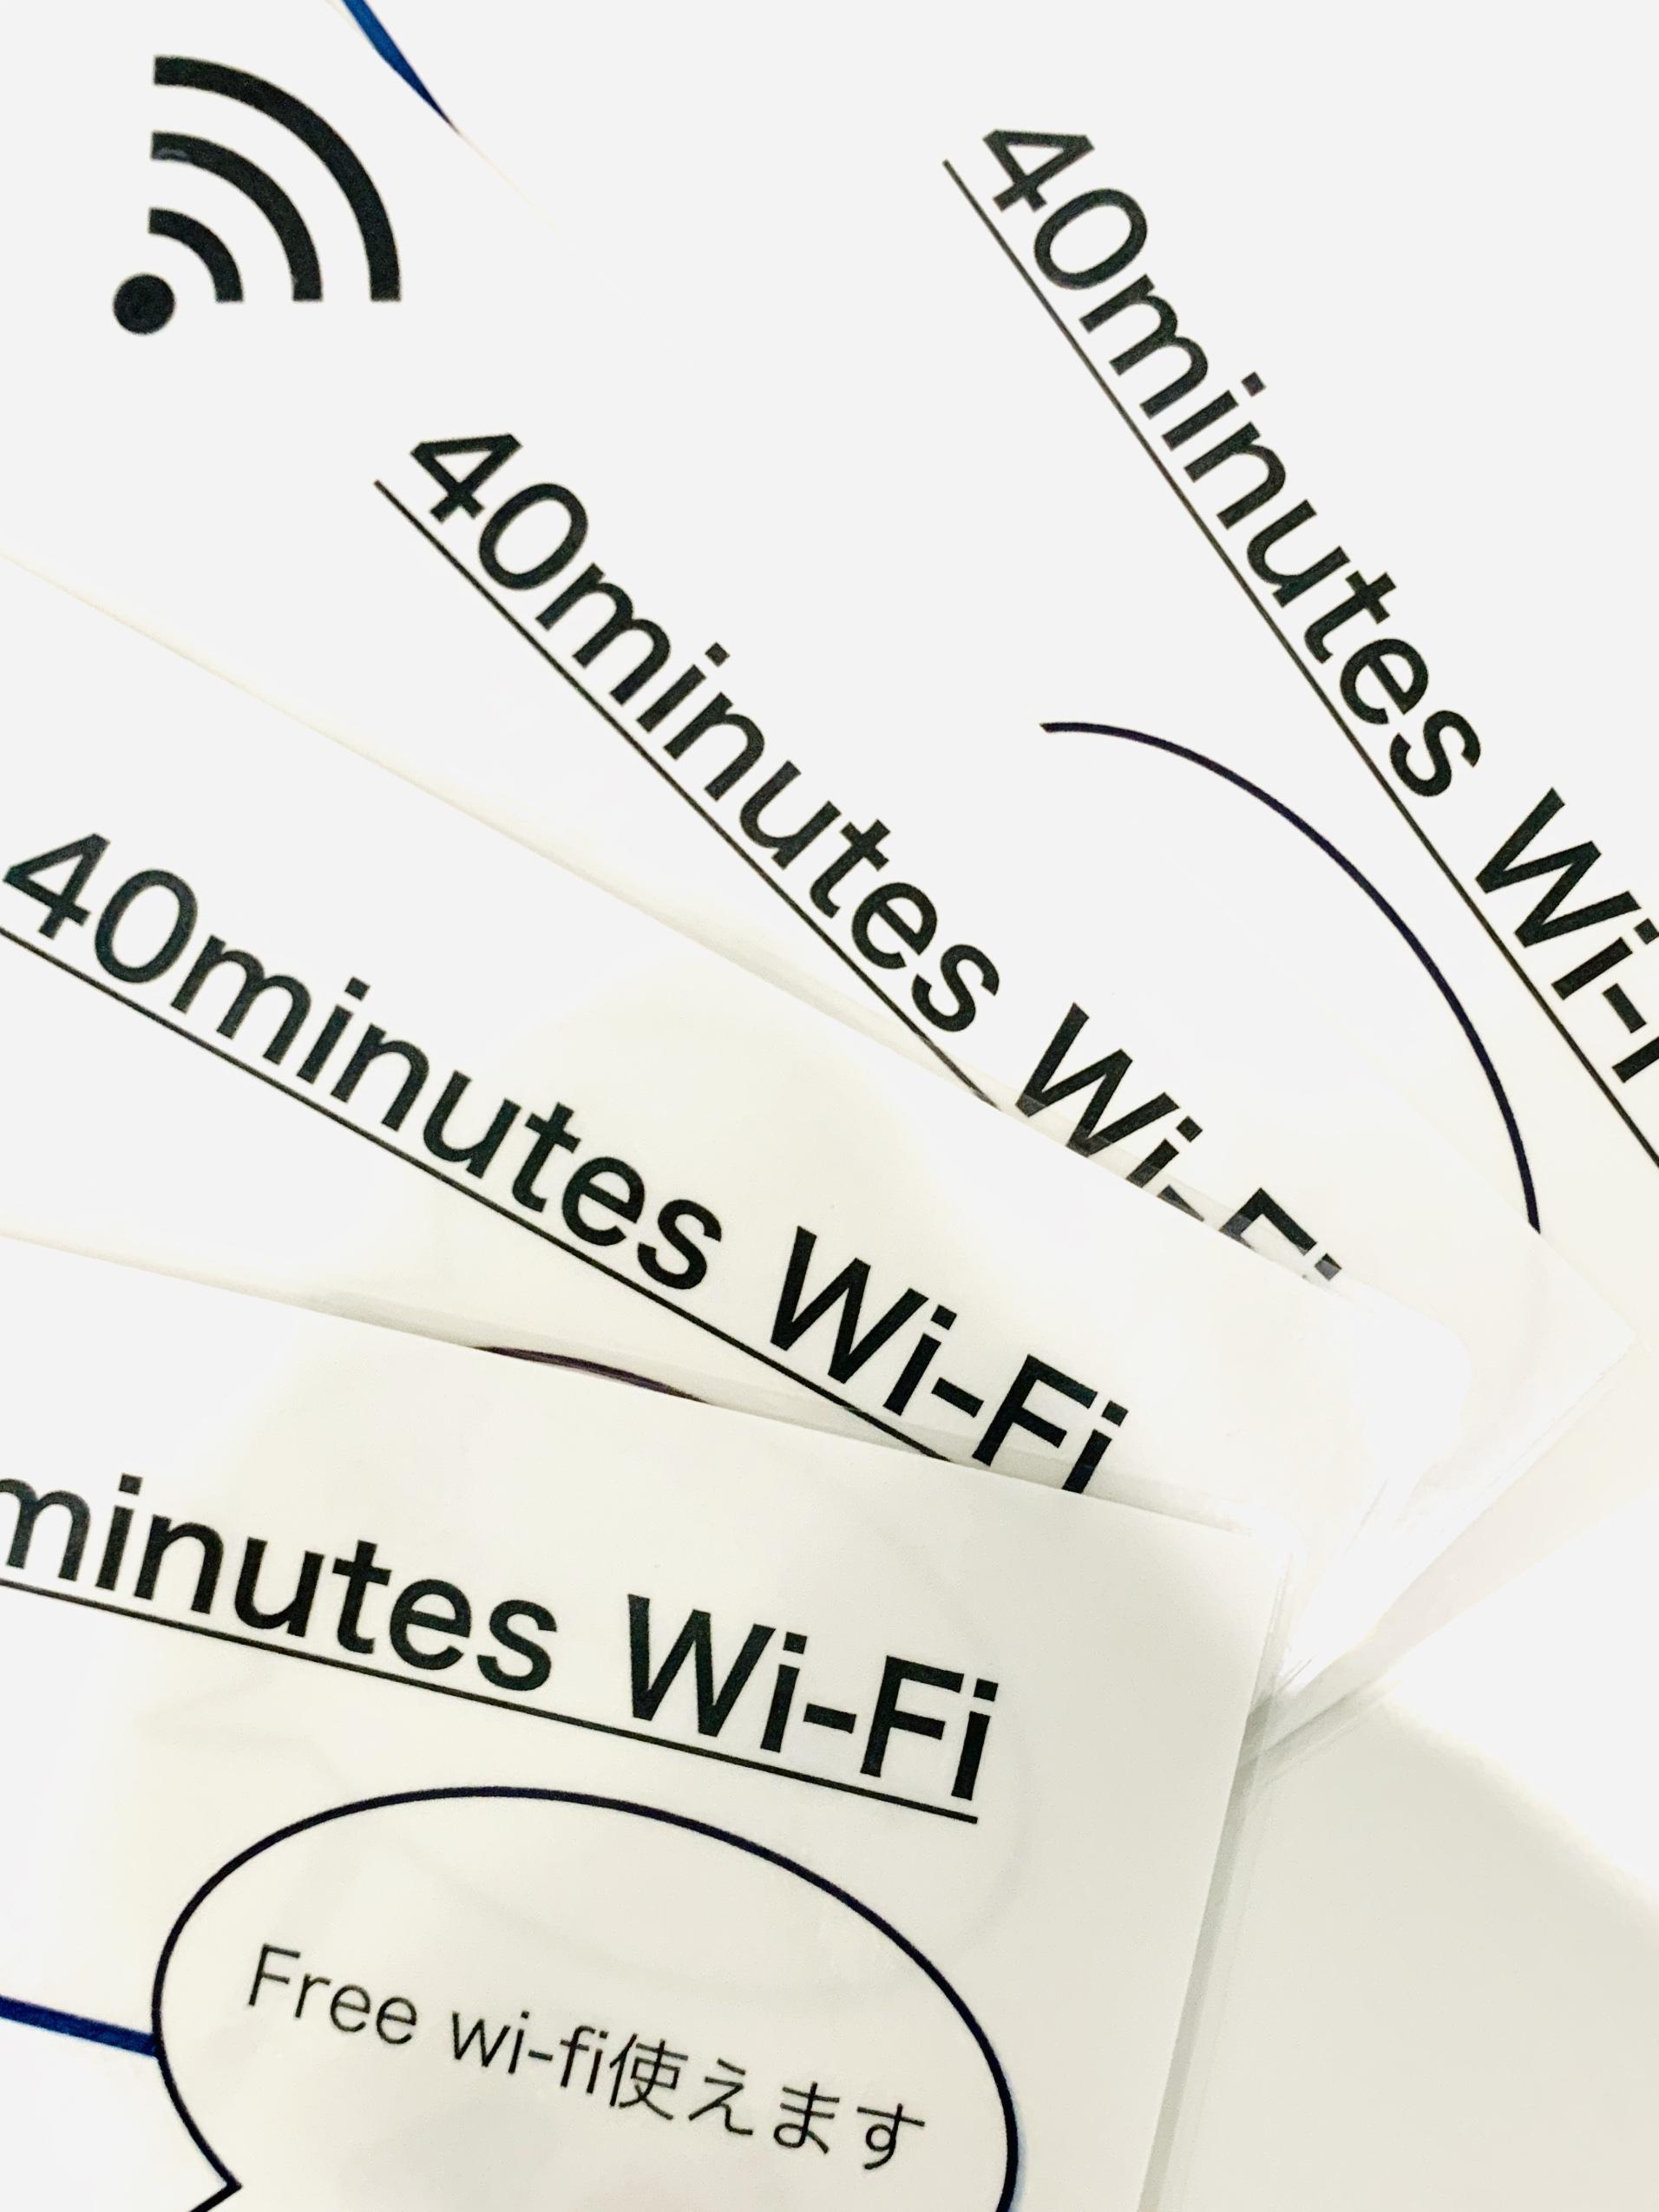 Wi-Fiが使えるようになりました!